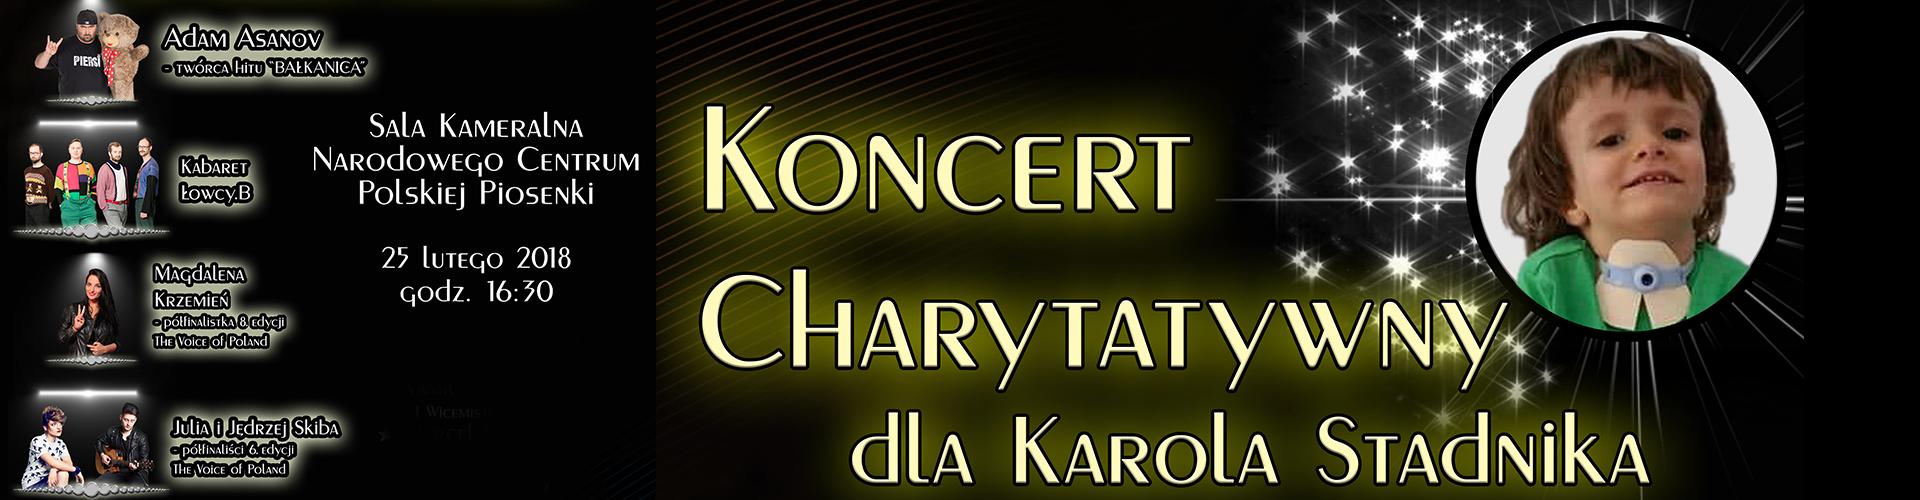 slide_koncert_charytatywny